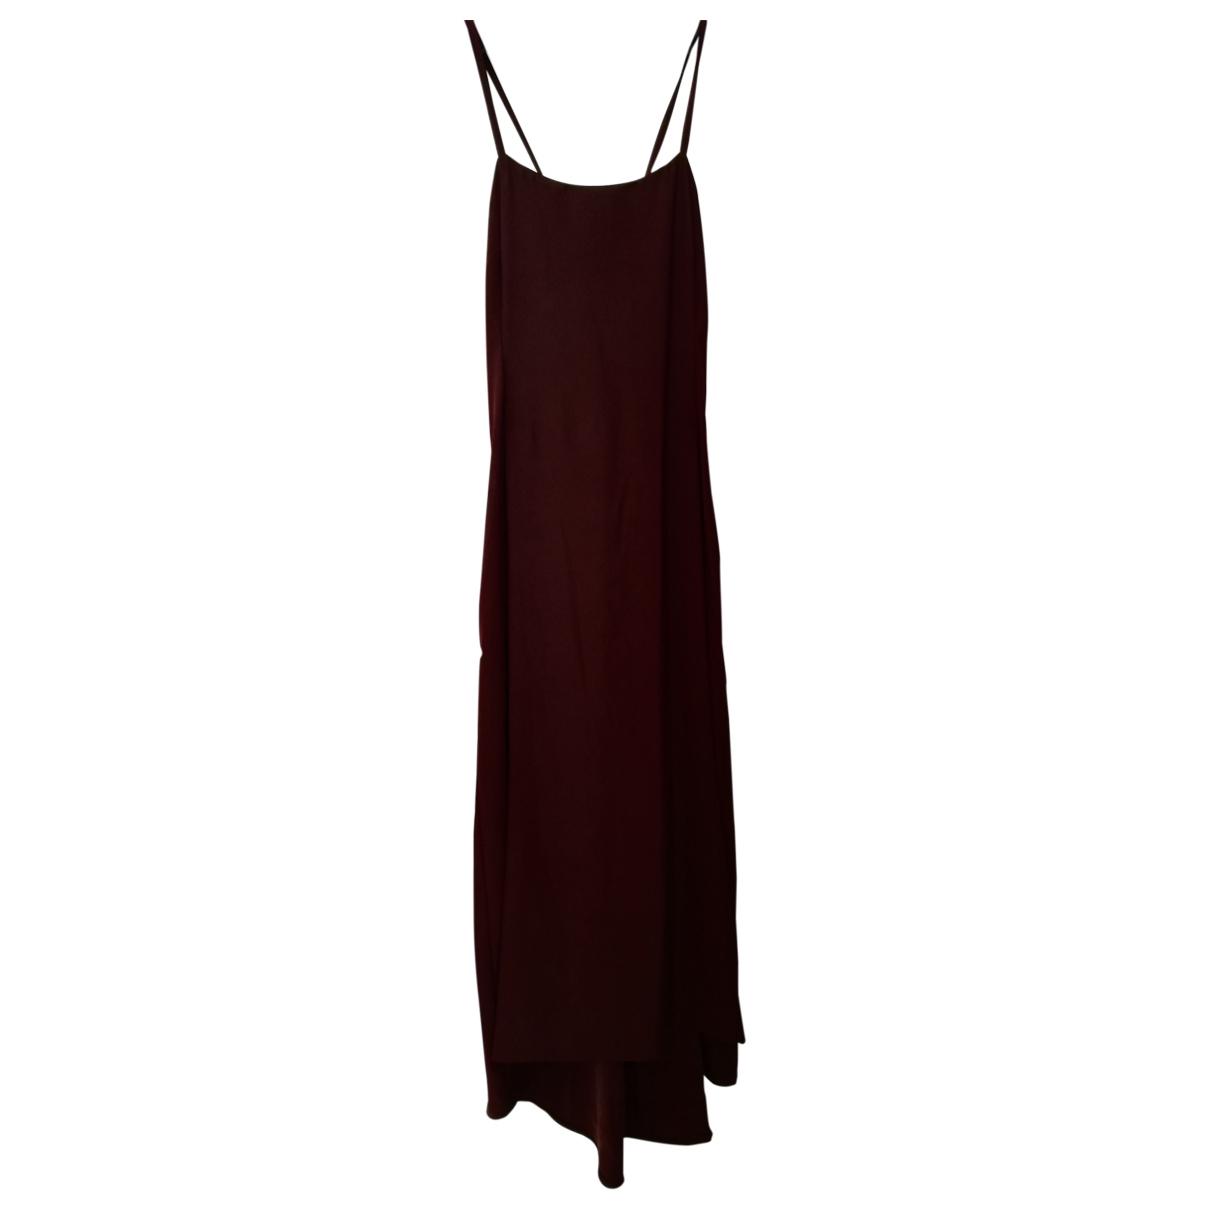 Vince \N Kleid in  Braun Baumwolle - Elasthan